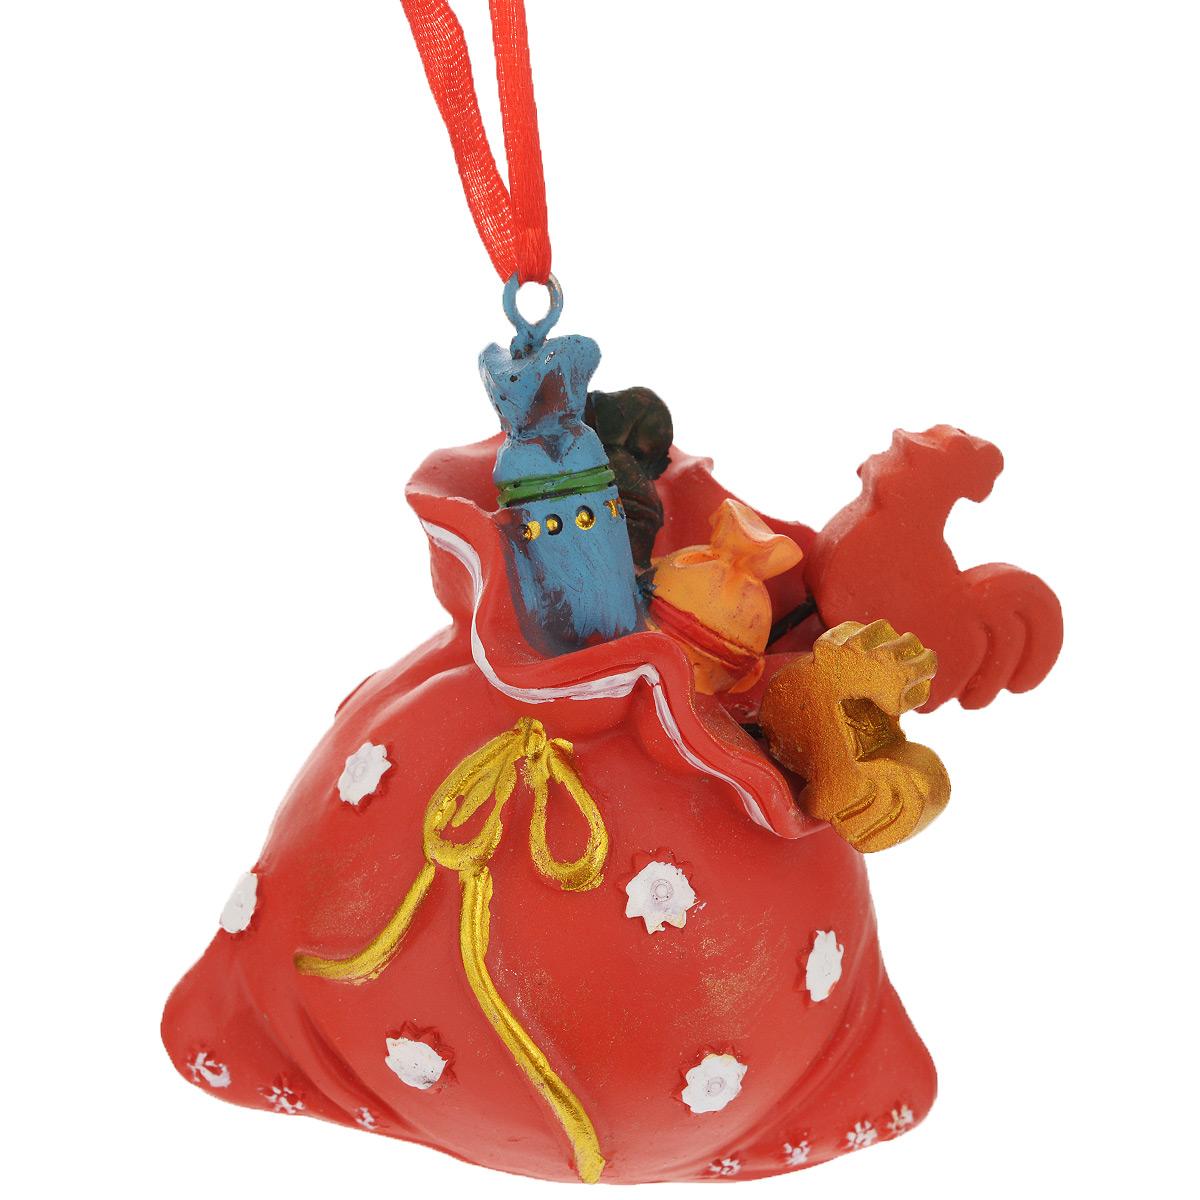 Новогоднее подвесное украшение Мешок со сладостями, цвет: красный. 3457834578Оригинальное новогоднее украшение из пластика прекрасно подойдет для праздничного декора дома и новогодней ели. Изделие крепится на елку с помощью металлического зажима.